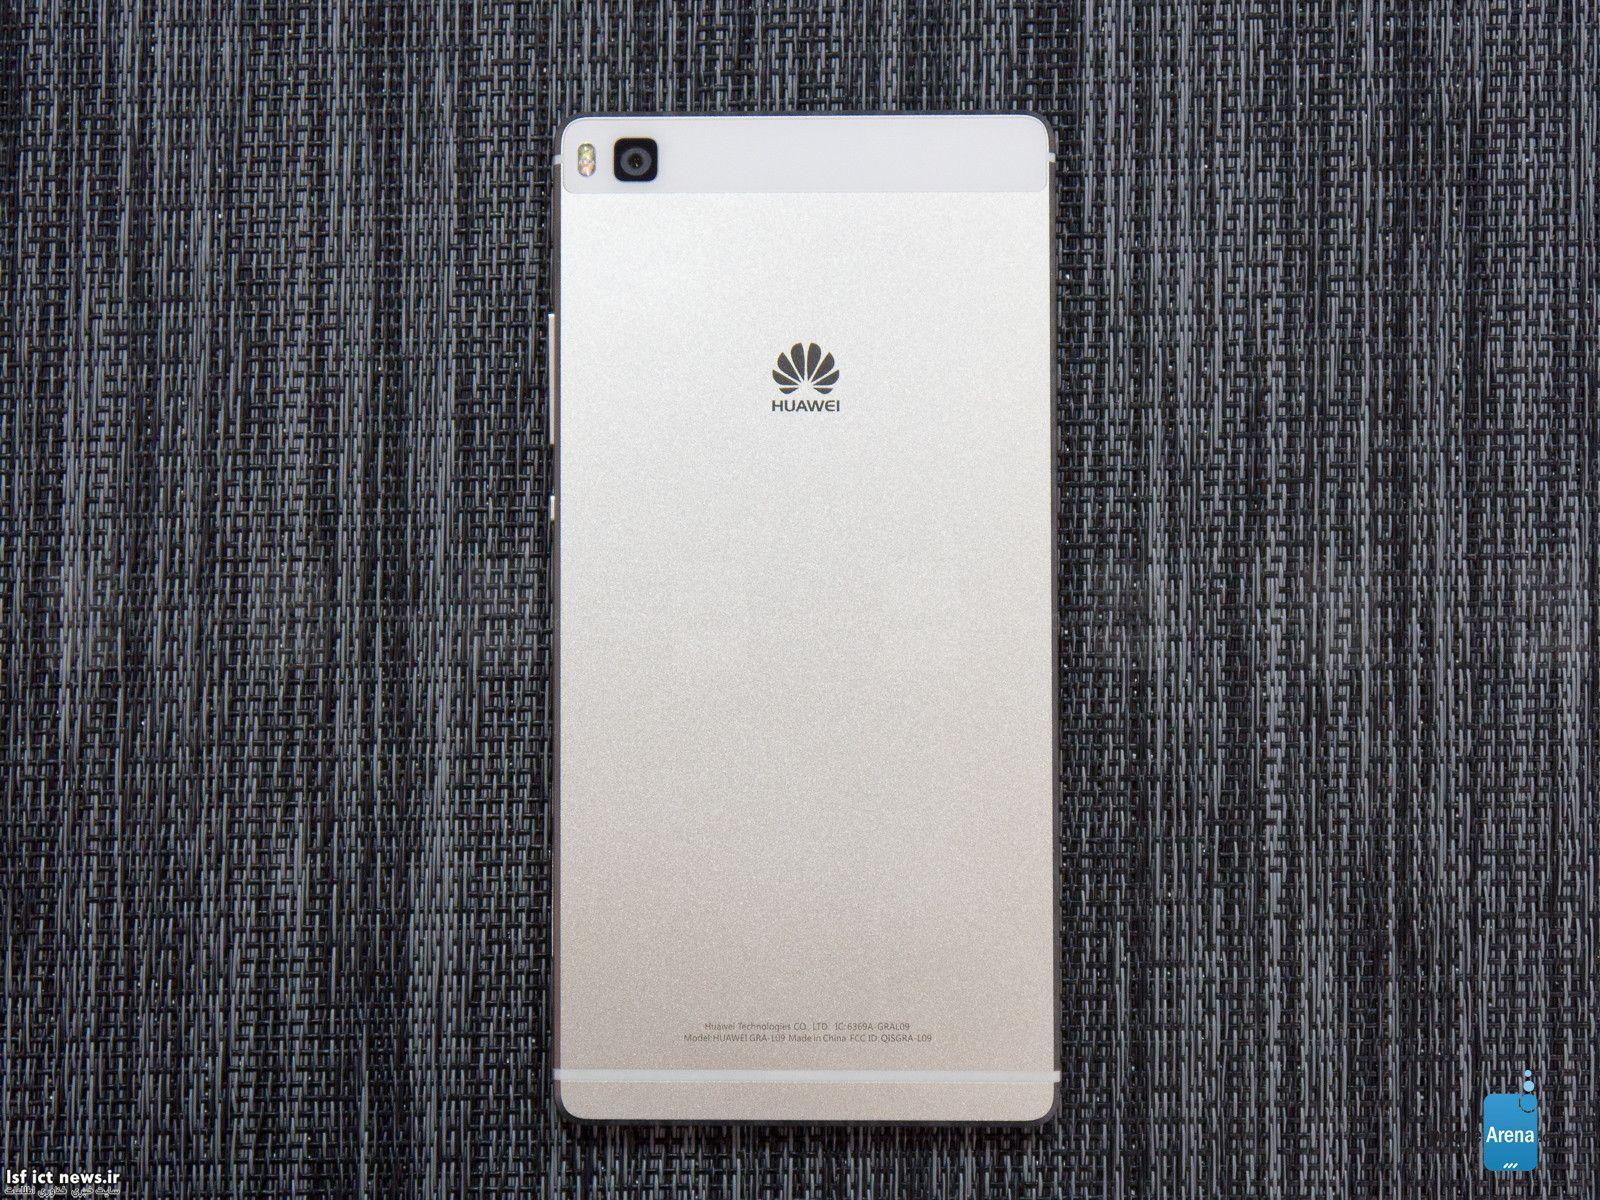 Huawei-P8-Review-013